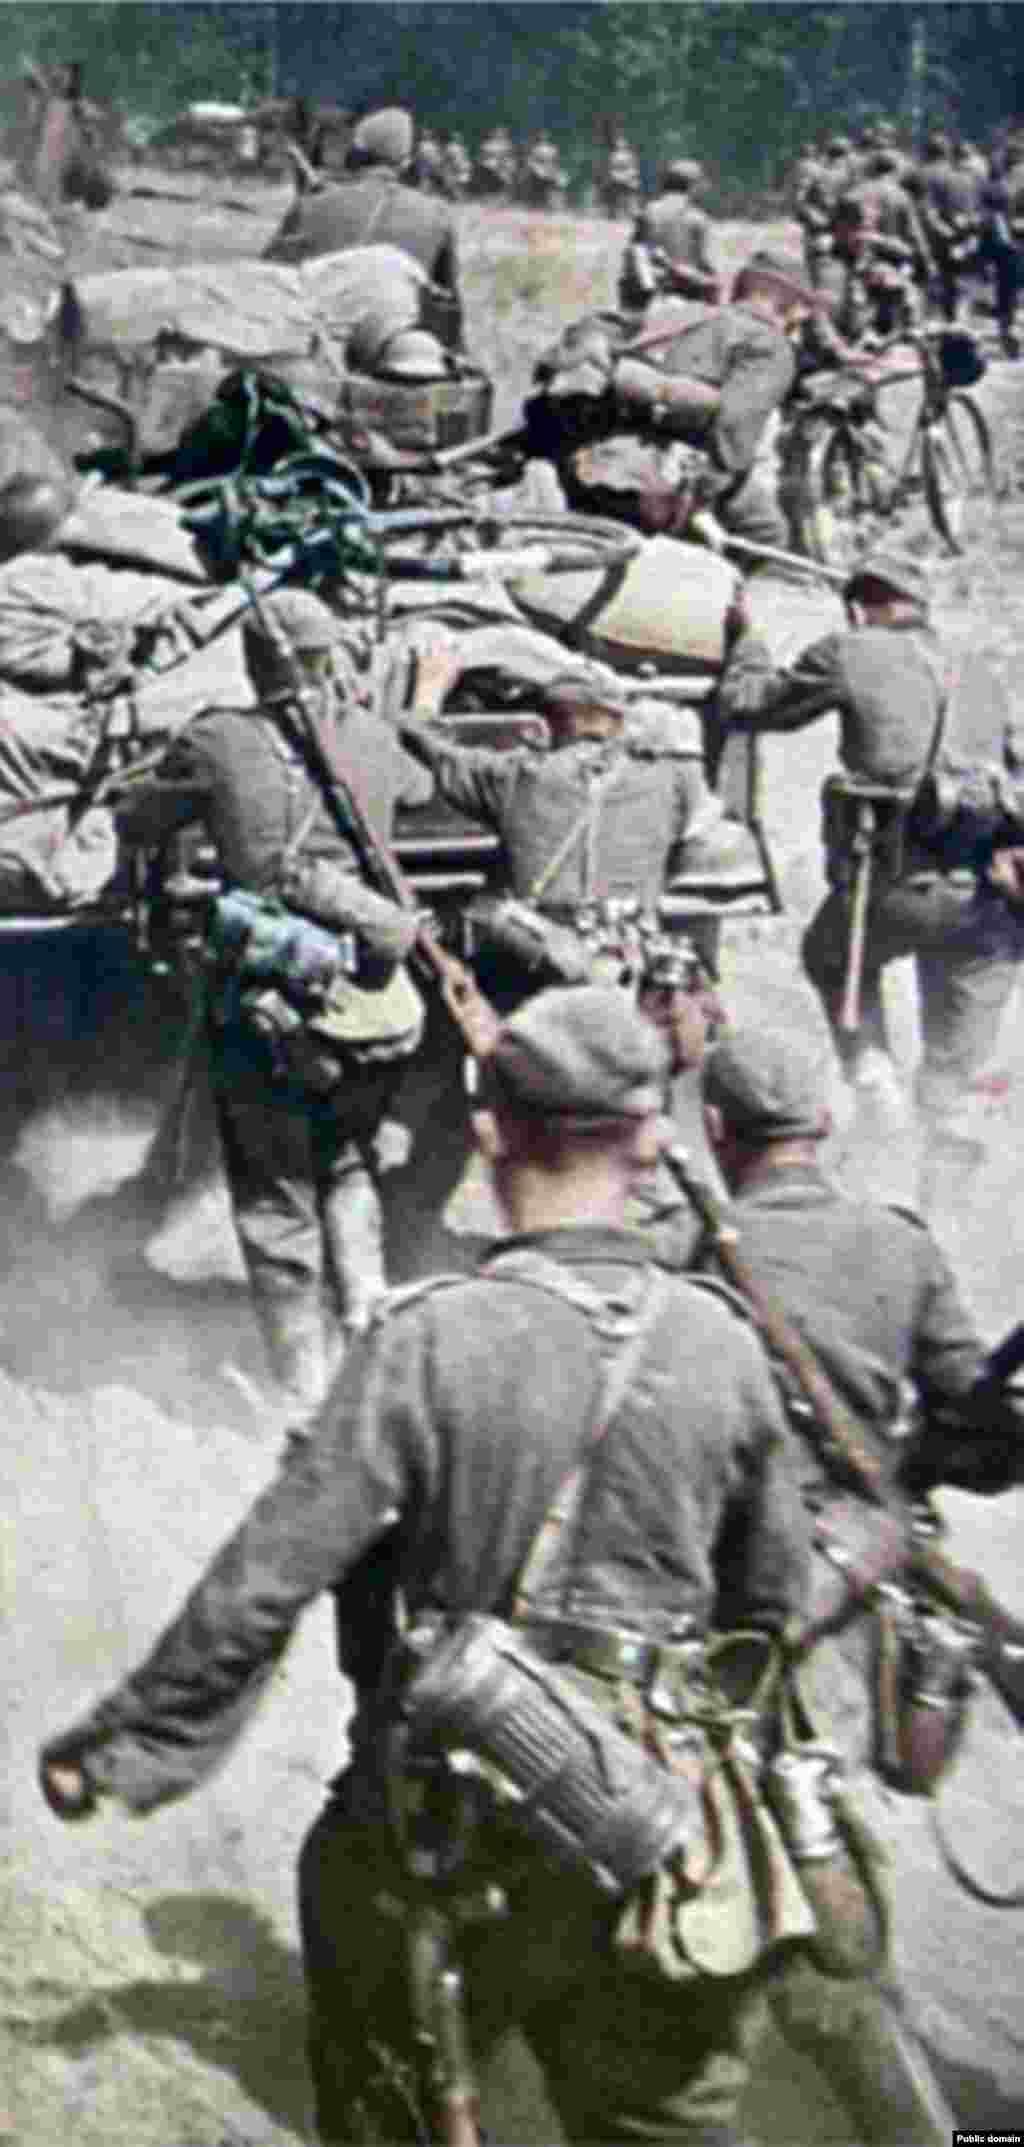 """Шулай итеп, наци солдатлары янында """"Һәлак булганнарның хәтеренә лаек булыйк"""" дигән язу шактый сәер күренә."""